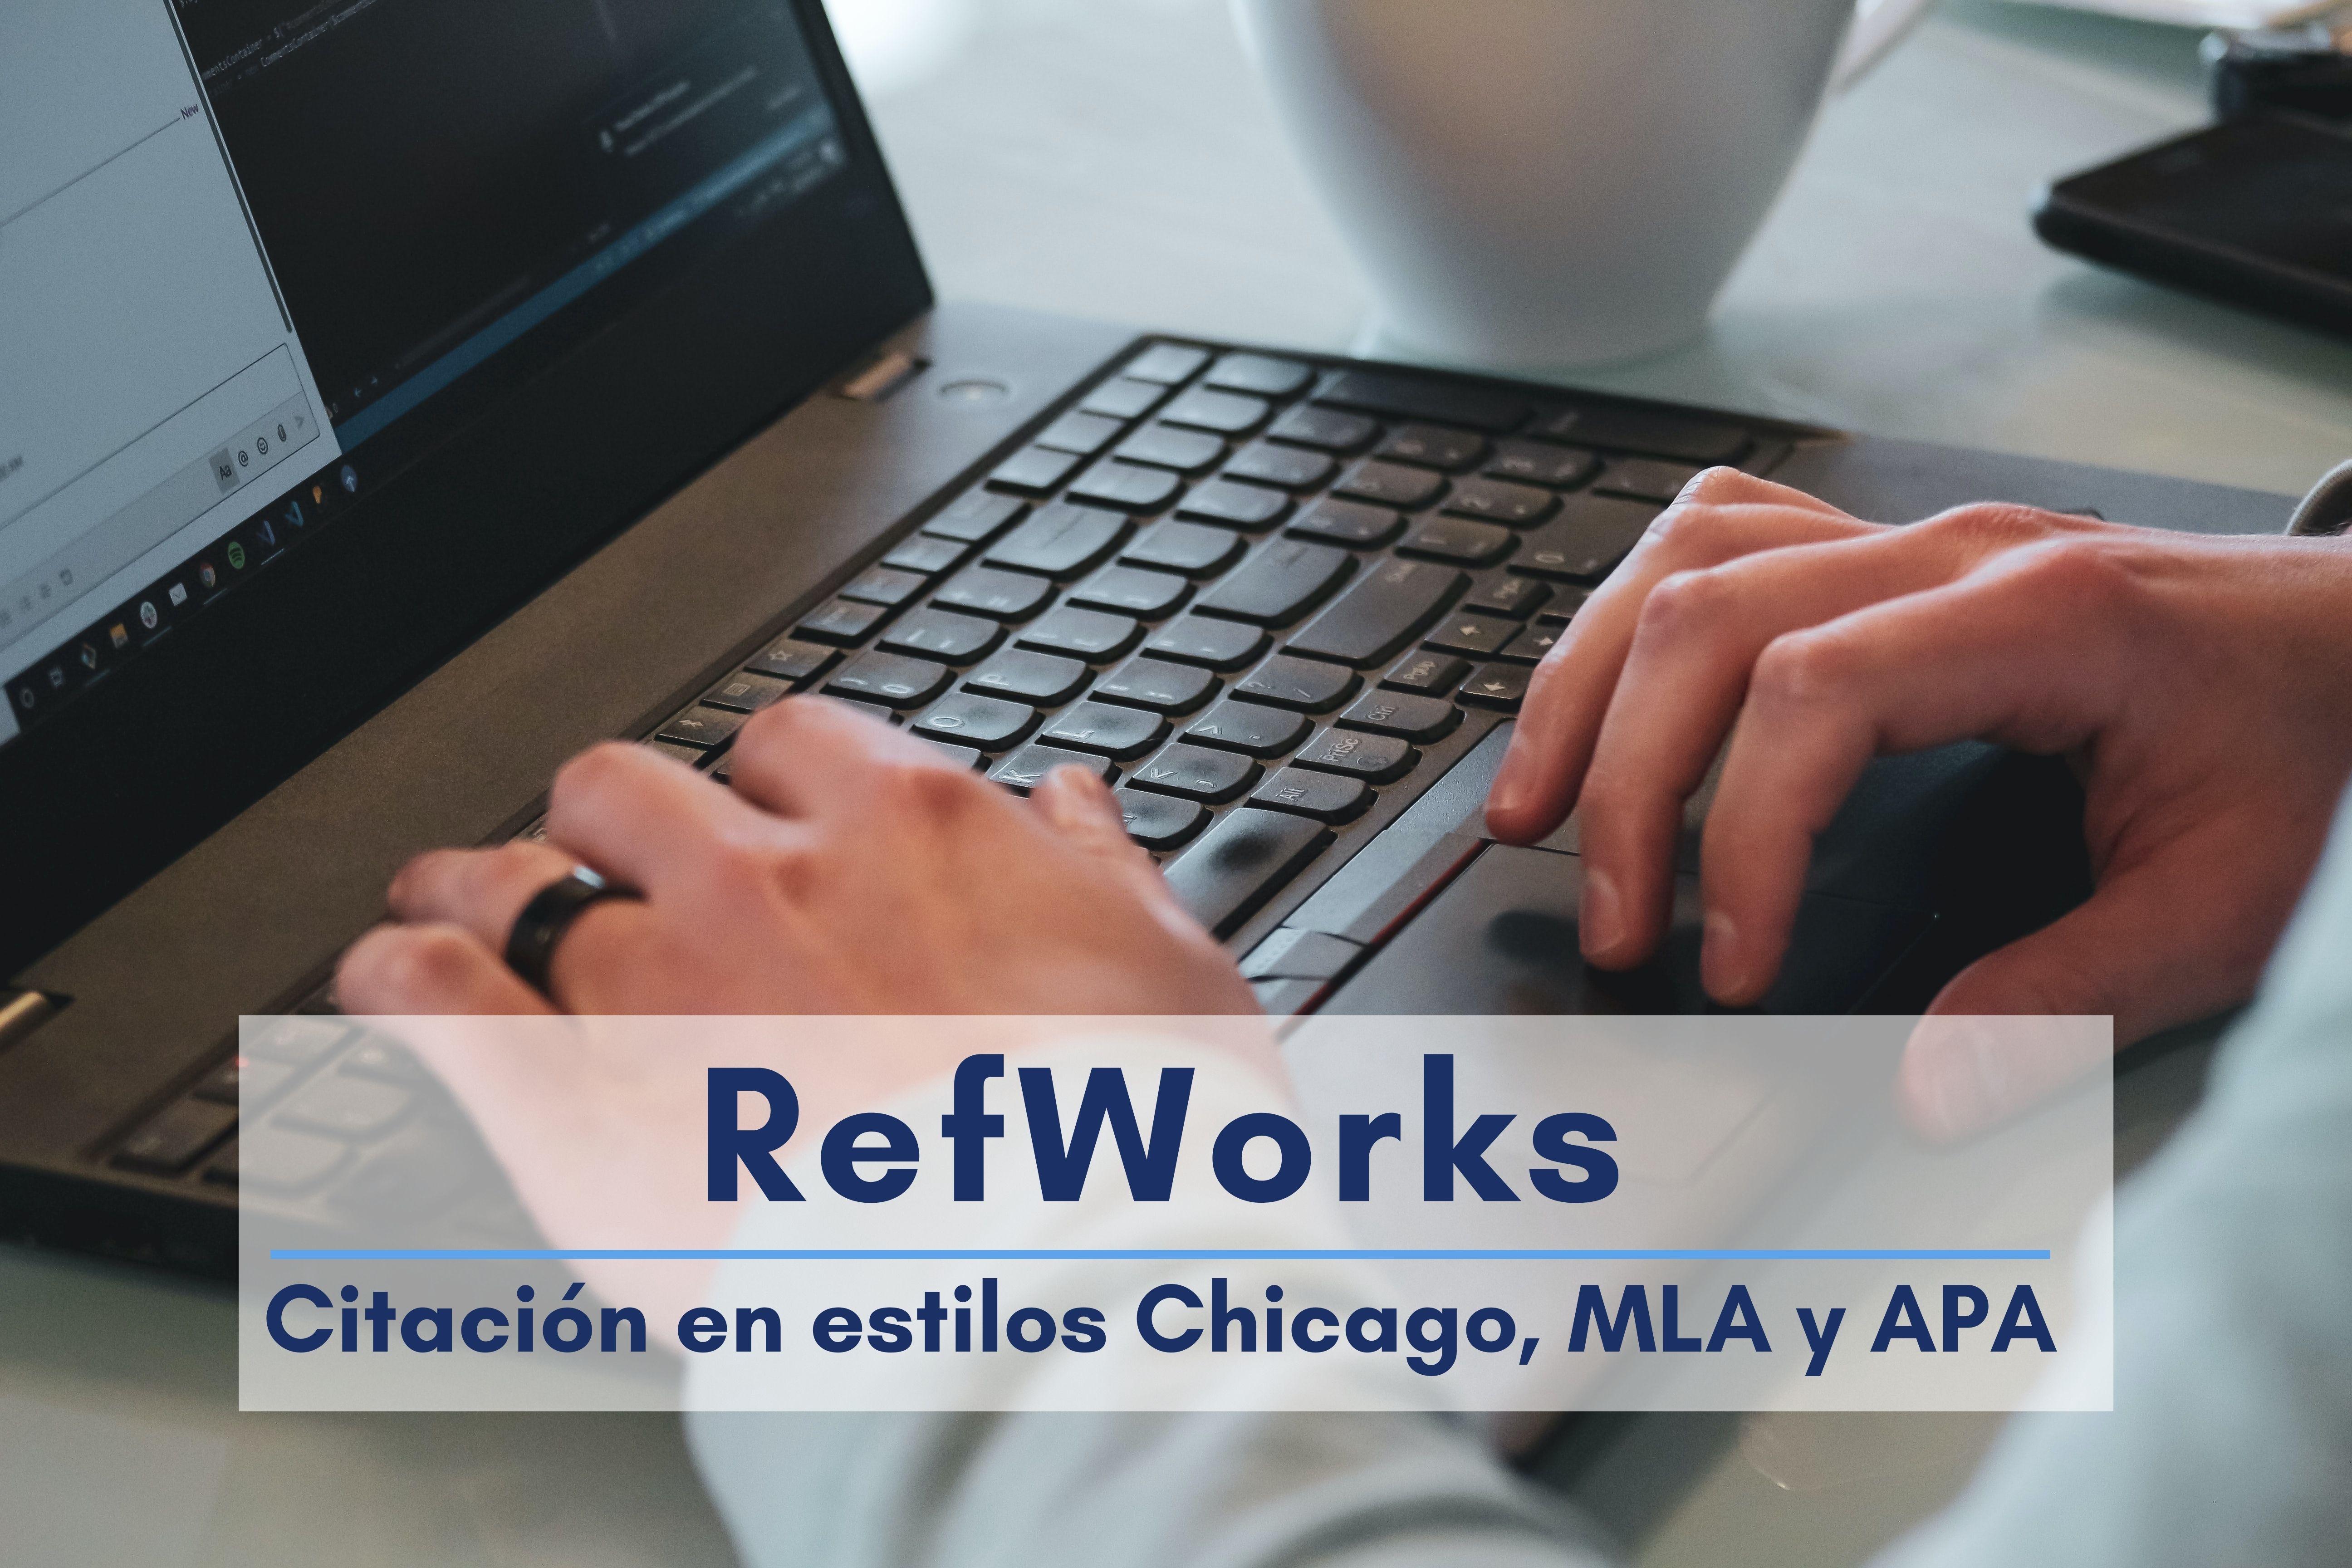 RefWorks (citación Chicago, MLA y APA)